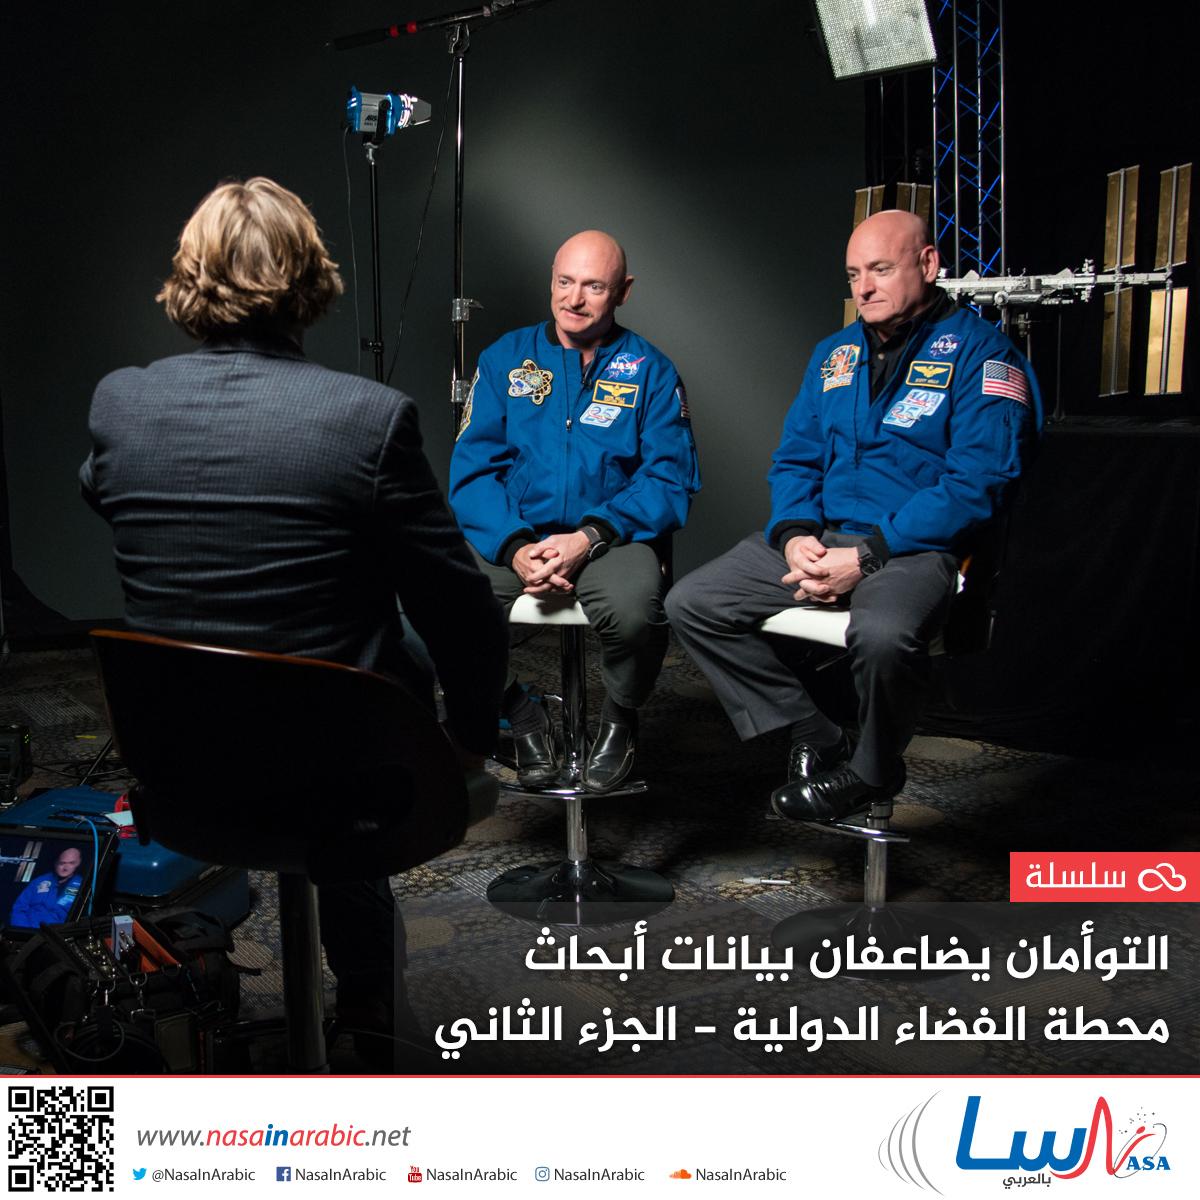 التوأمان يضاعفان بيانات أبحاث محطة الفضاء الدولية - الجزء الثاني